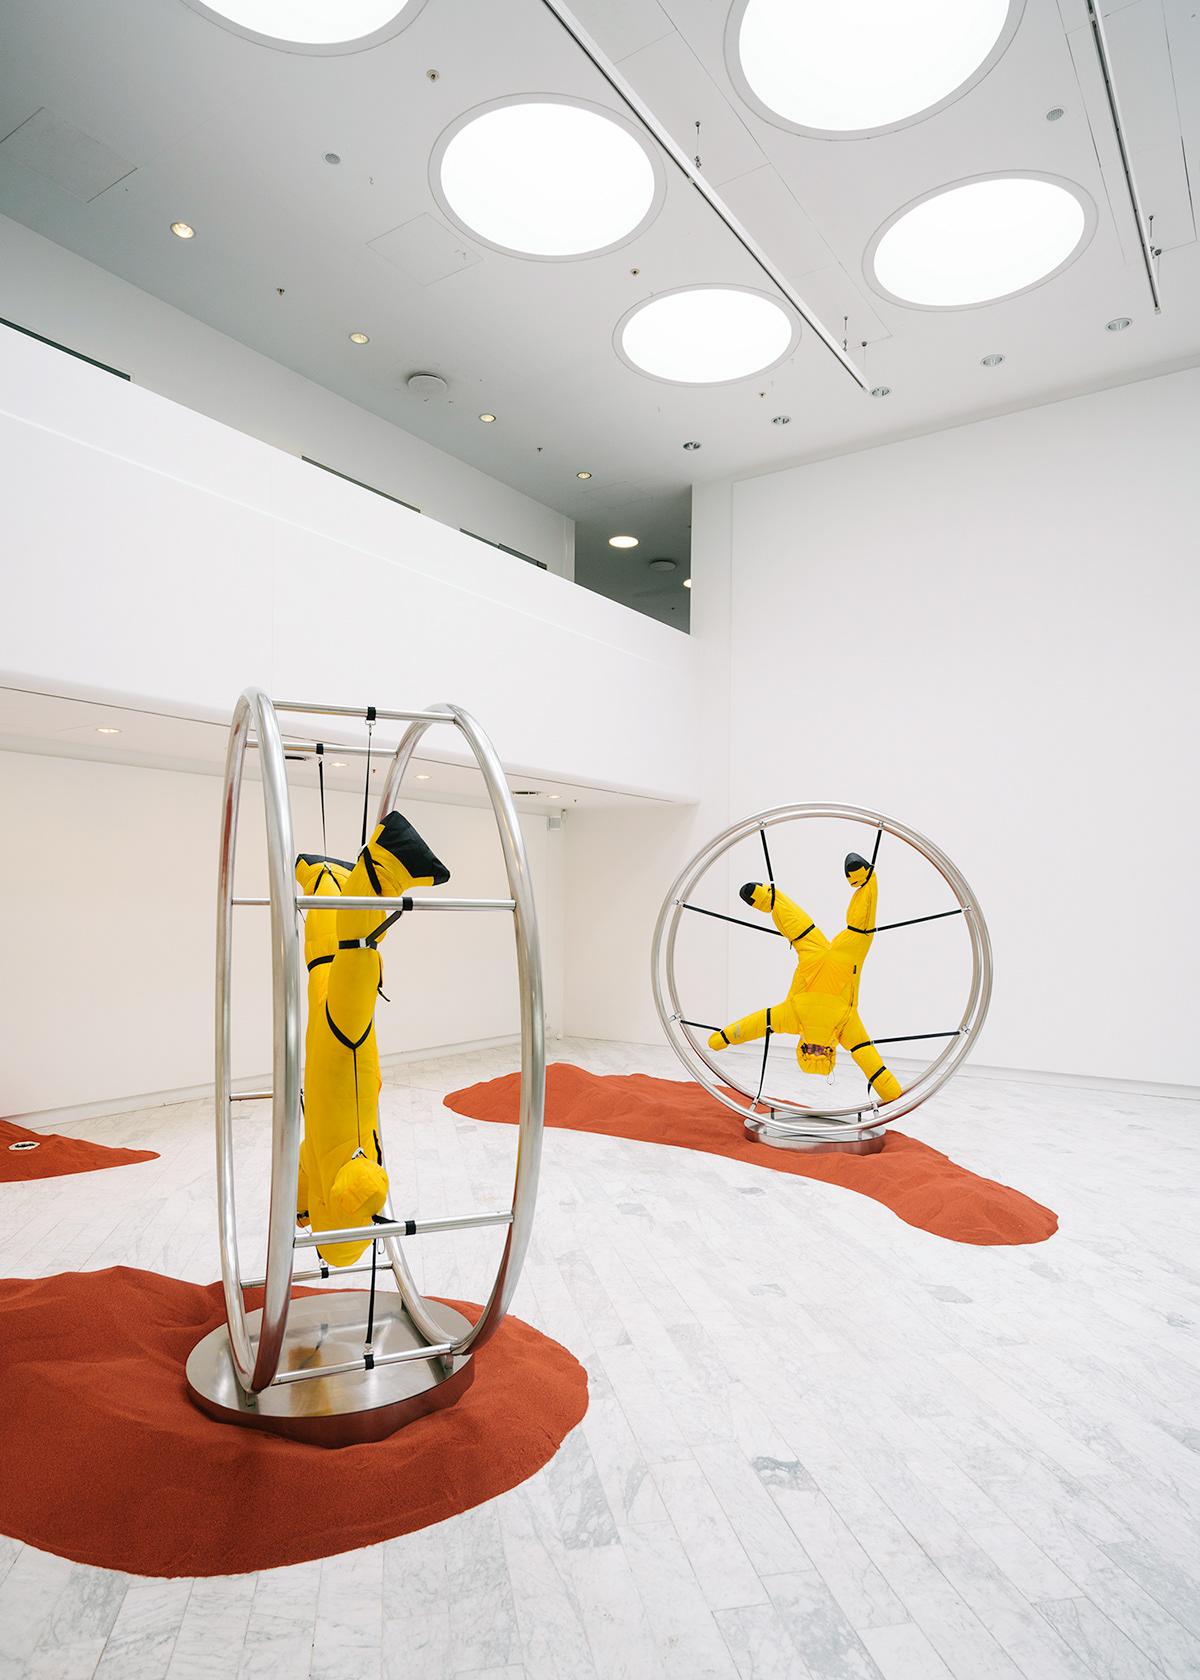 art cold contemporary copenhagen deja design gallery sleep Stine tränen